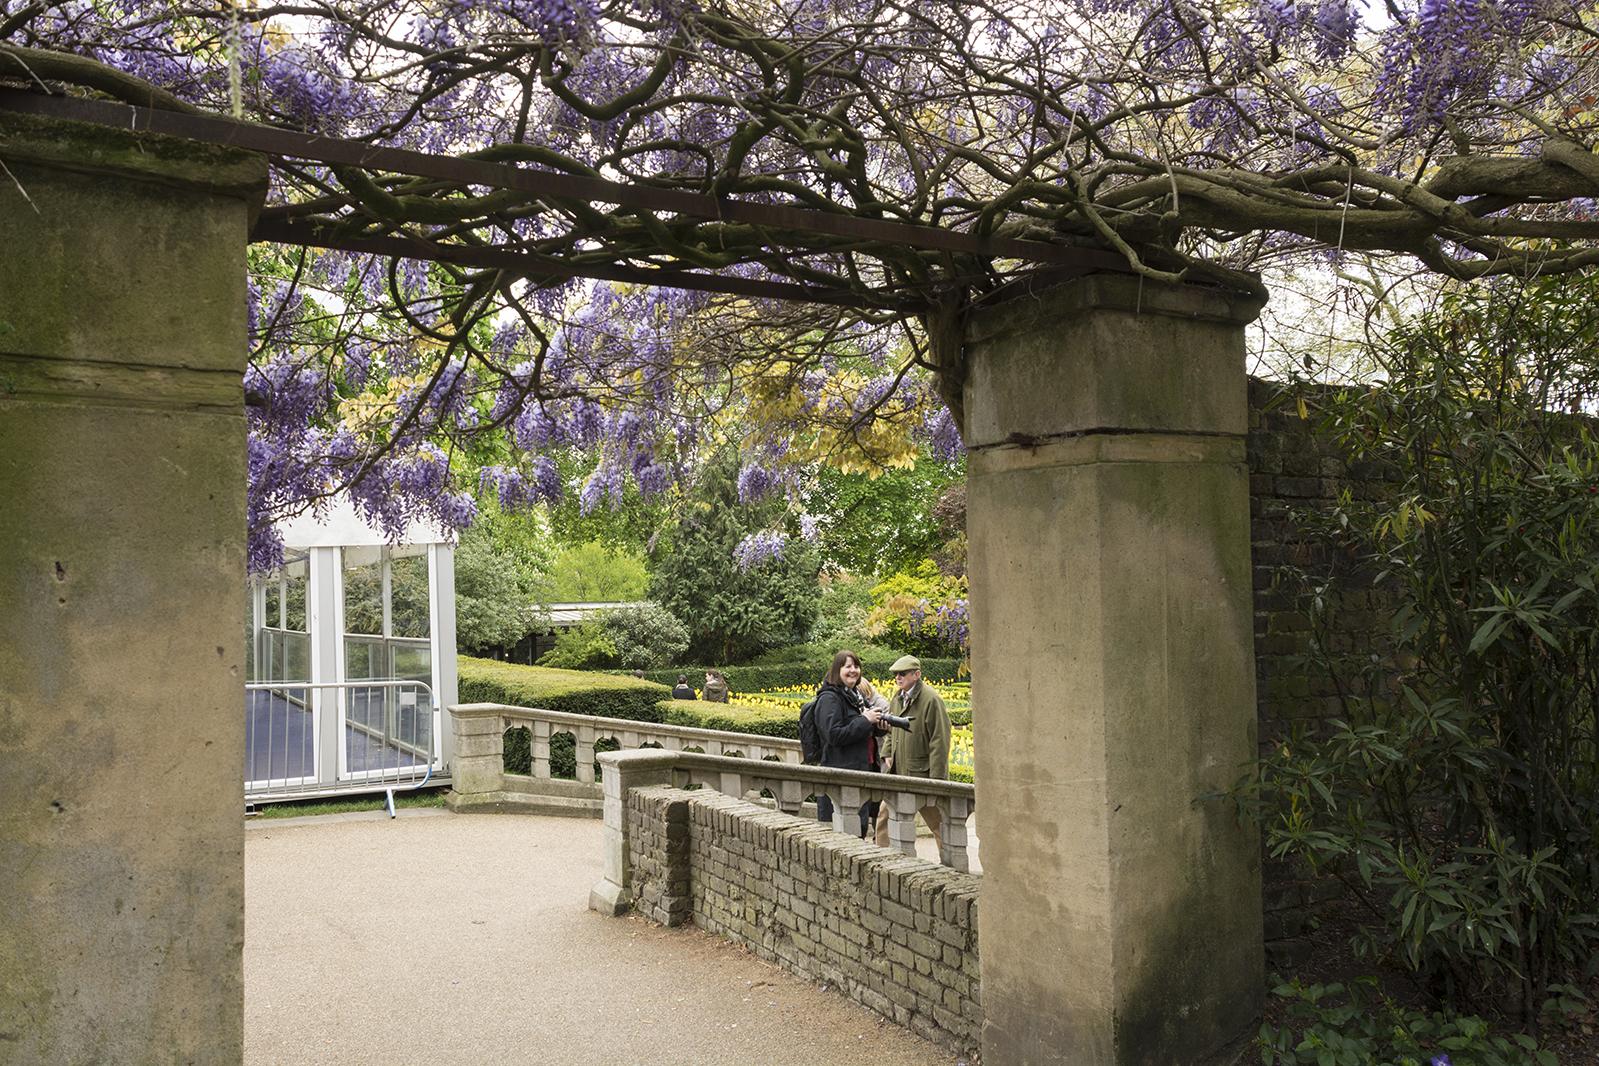 2017-04-17-Kensington-and-Chelsea_Spring_Landscape_Holland-Park-A-Breathing-Londoner